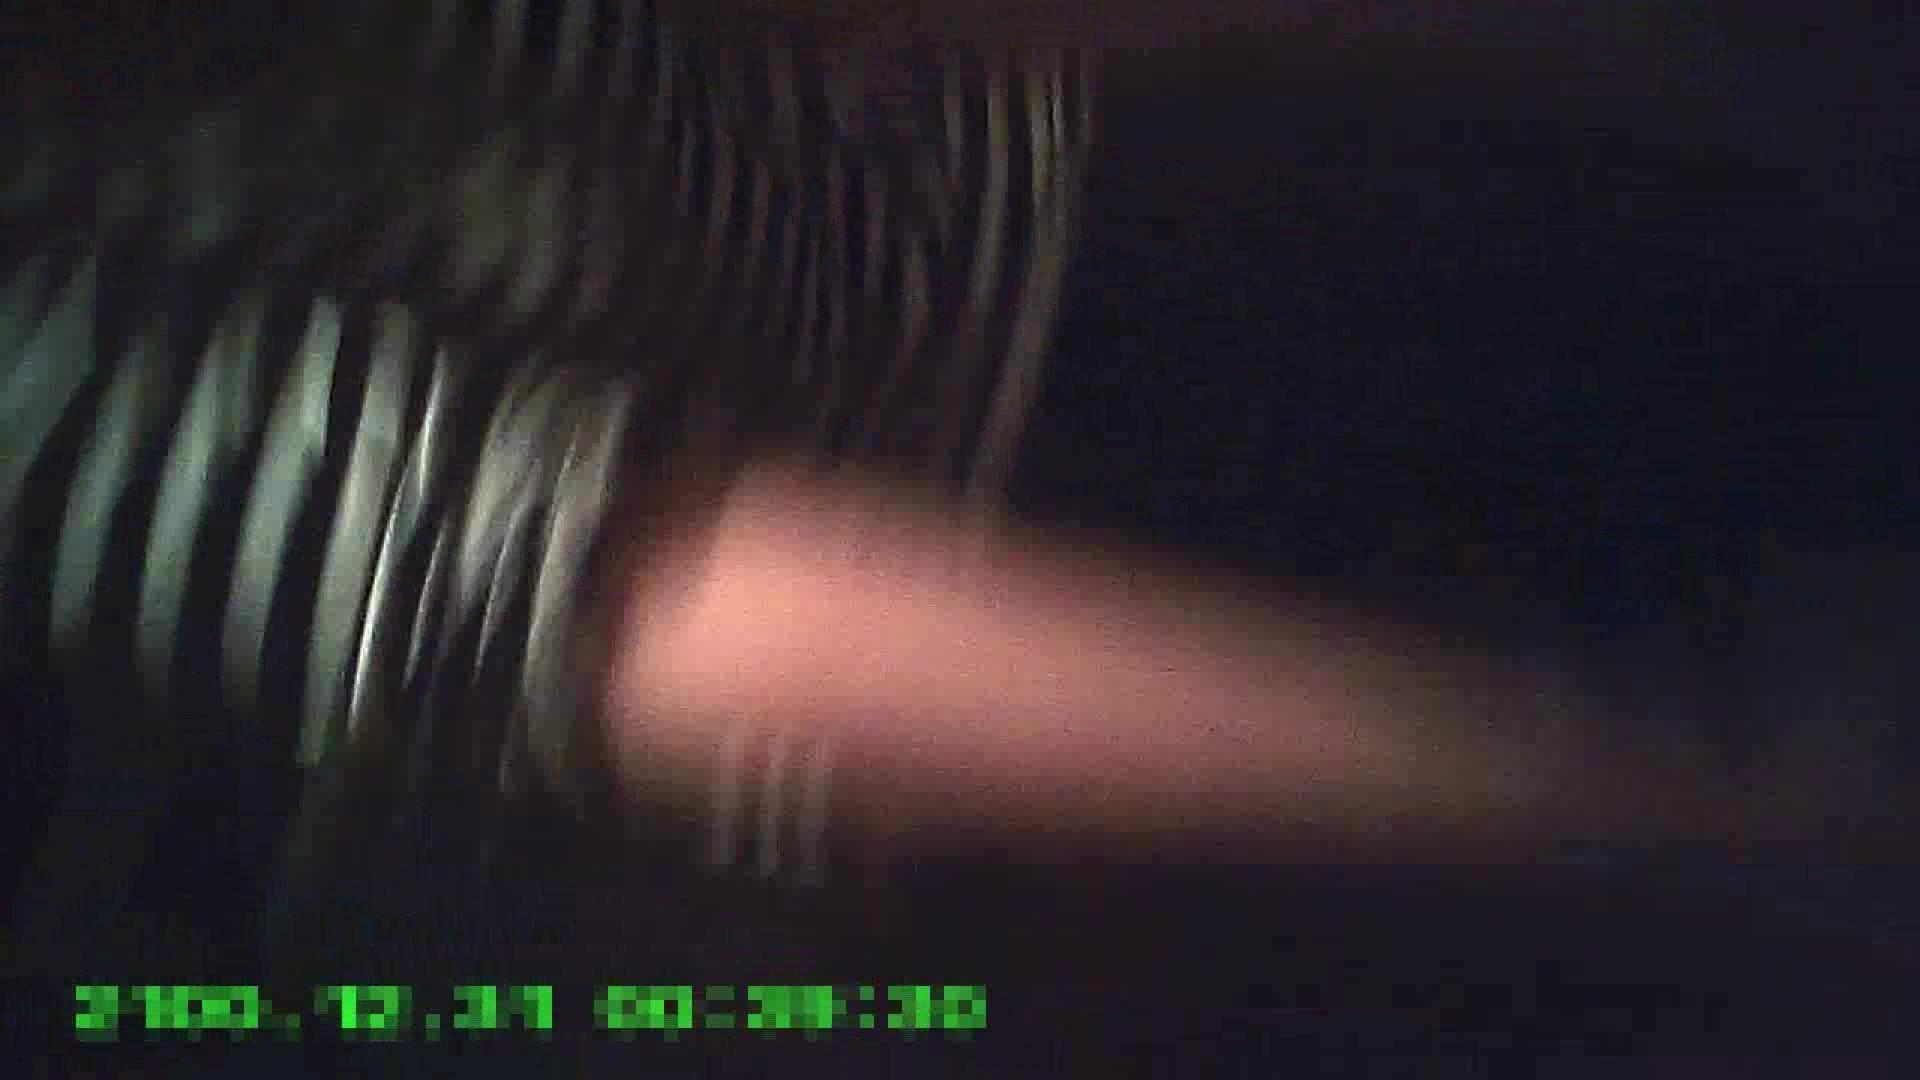 禁断、、家庭教のおしえ子 (シリーズⅣ) しのぶちゃん  Vol.26 脱衣編 むっちり アダルト動画キャプチャ 103画像 6